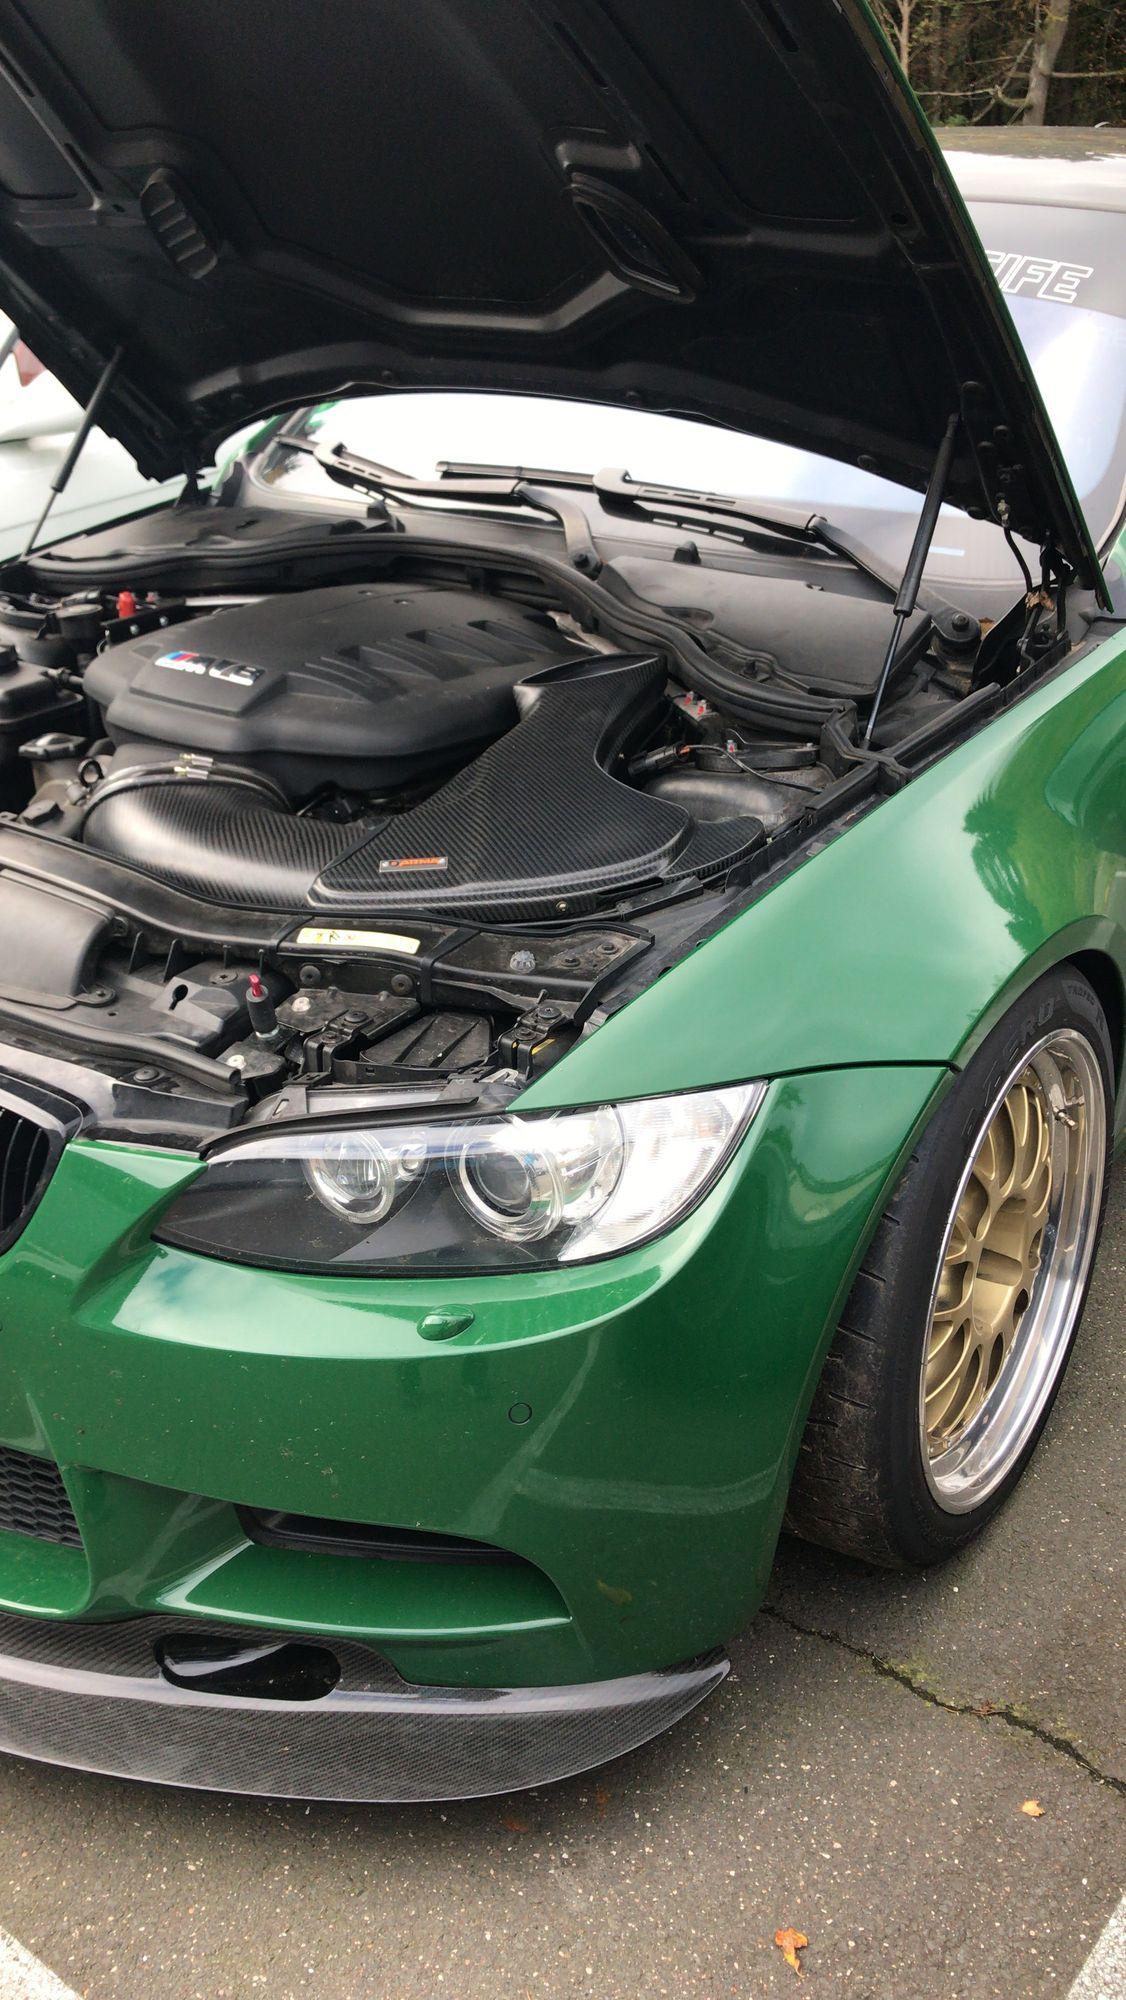 ARMA Carbon Airbox Air Intake BMW E92 M3 (S65B40)